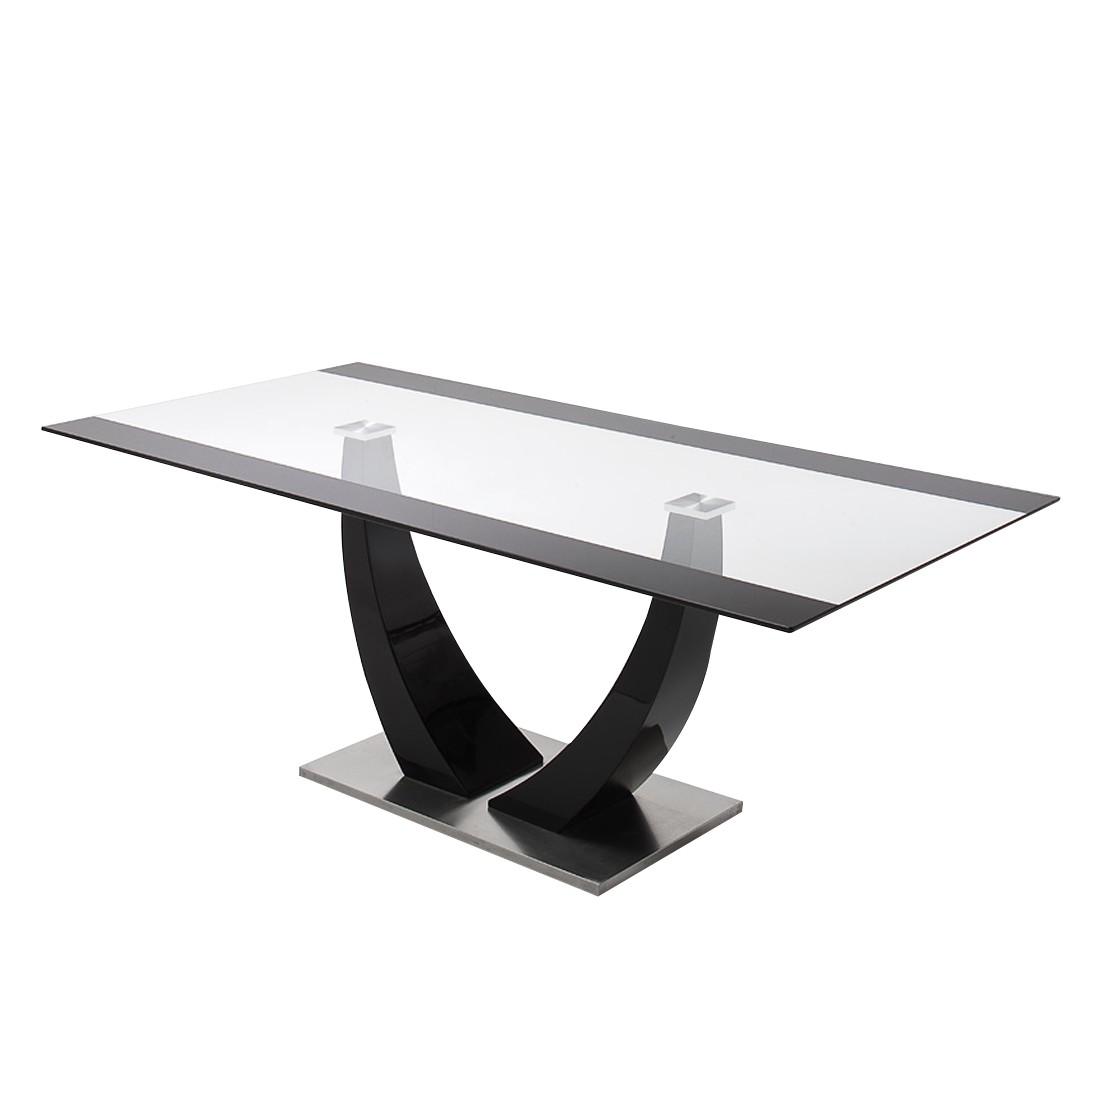 glas edelstahl tisch 200 preis vergleich 2016. Black Bedroom Furniture Sets. Home Design Ideas